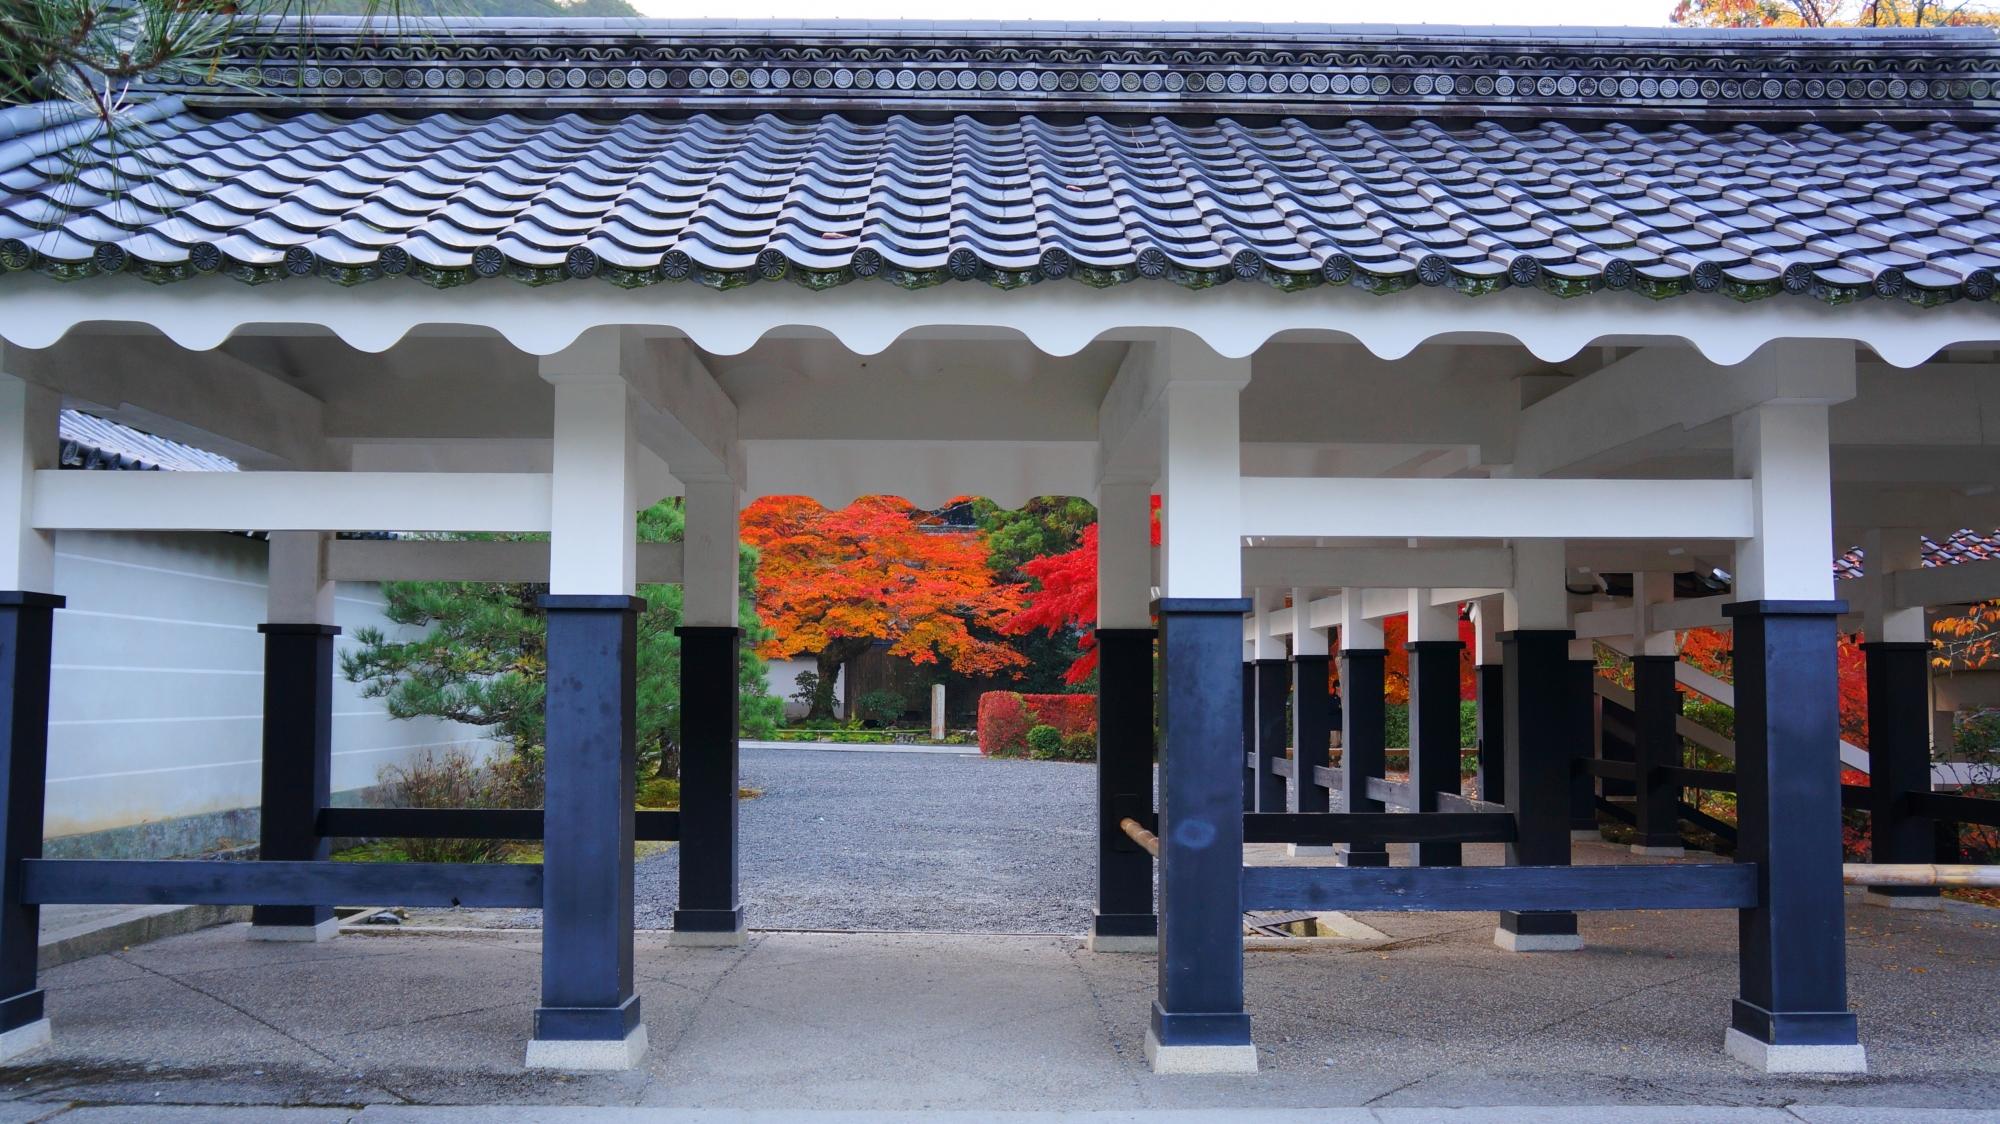 別の角度から眺めた回廊を額縁とした本坊前の鮮やかな紅葉